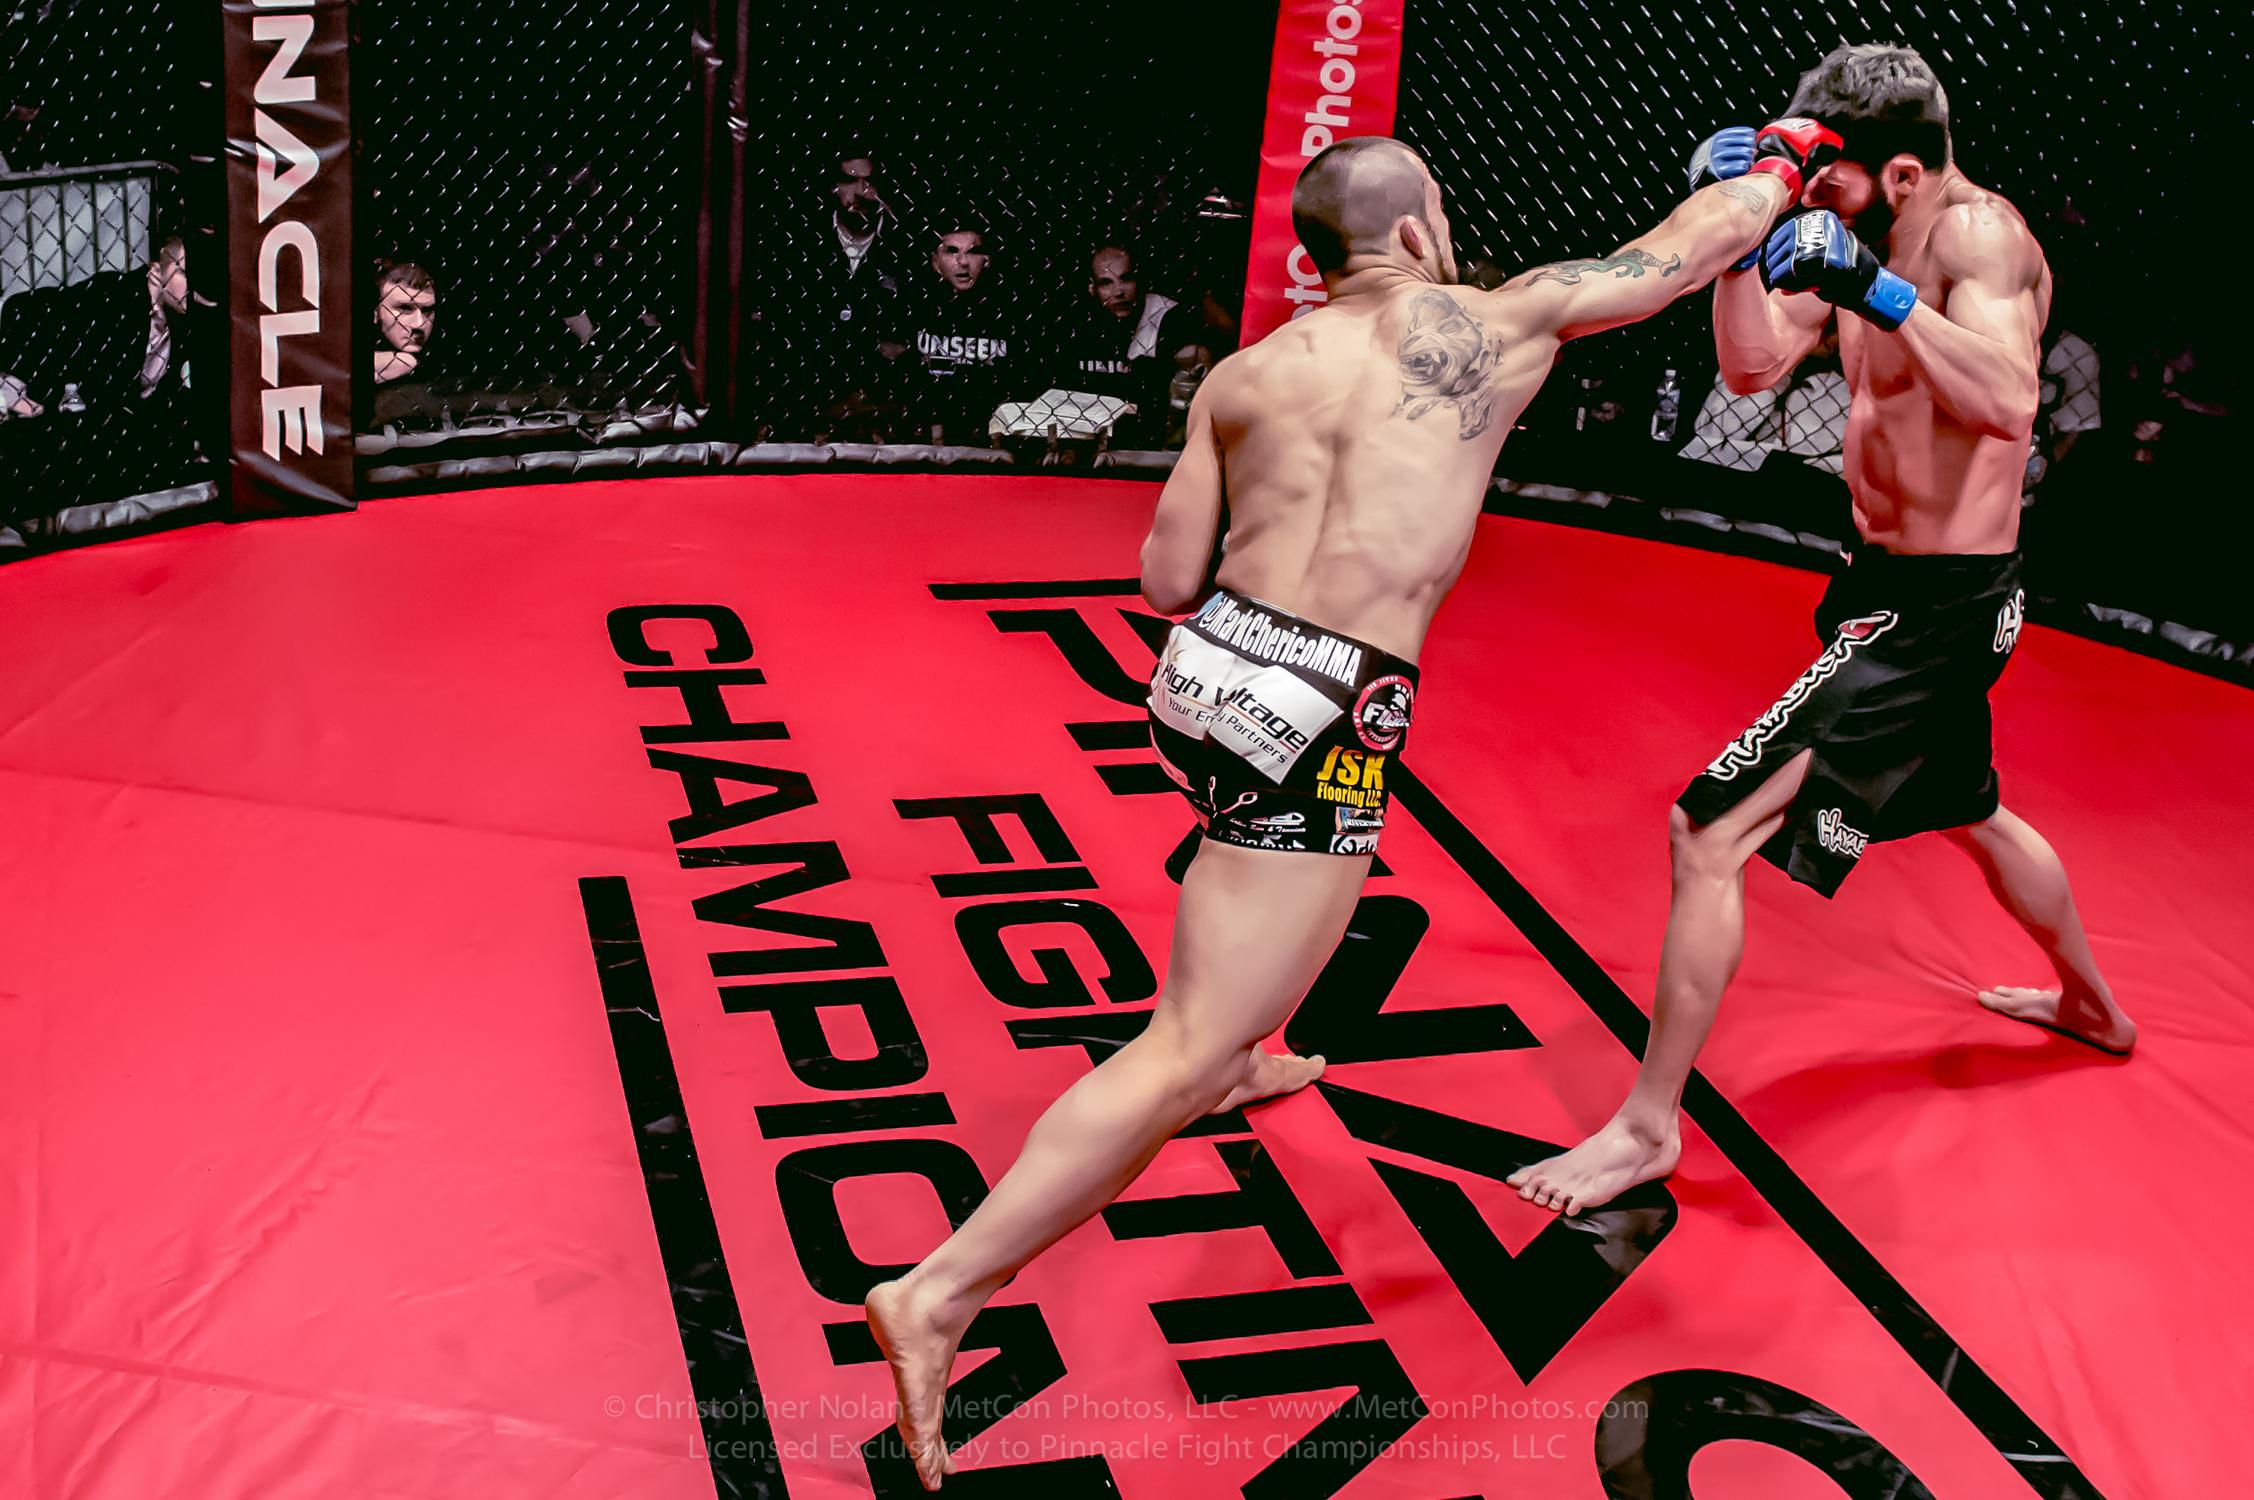 2014-PFC6-FIGHTS-7518.jpg